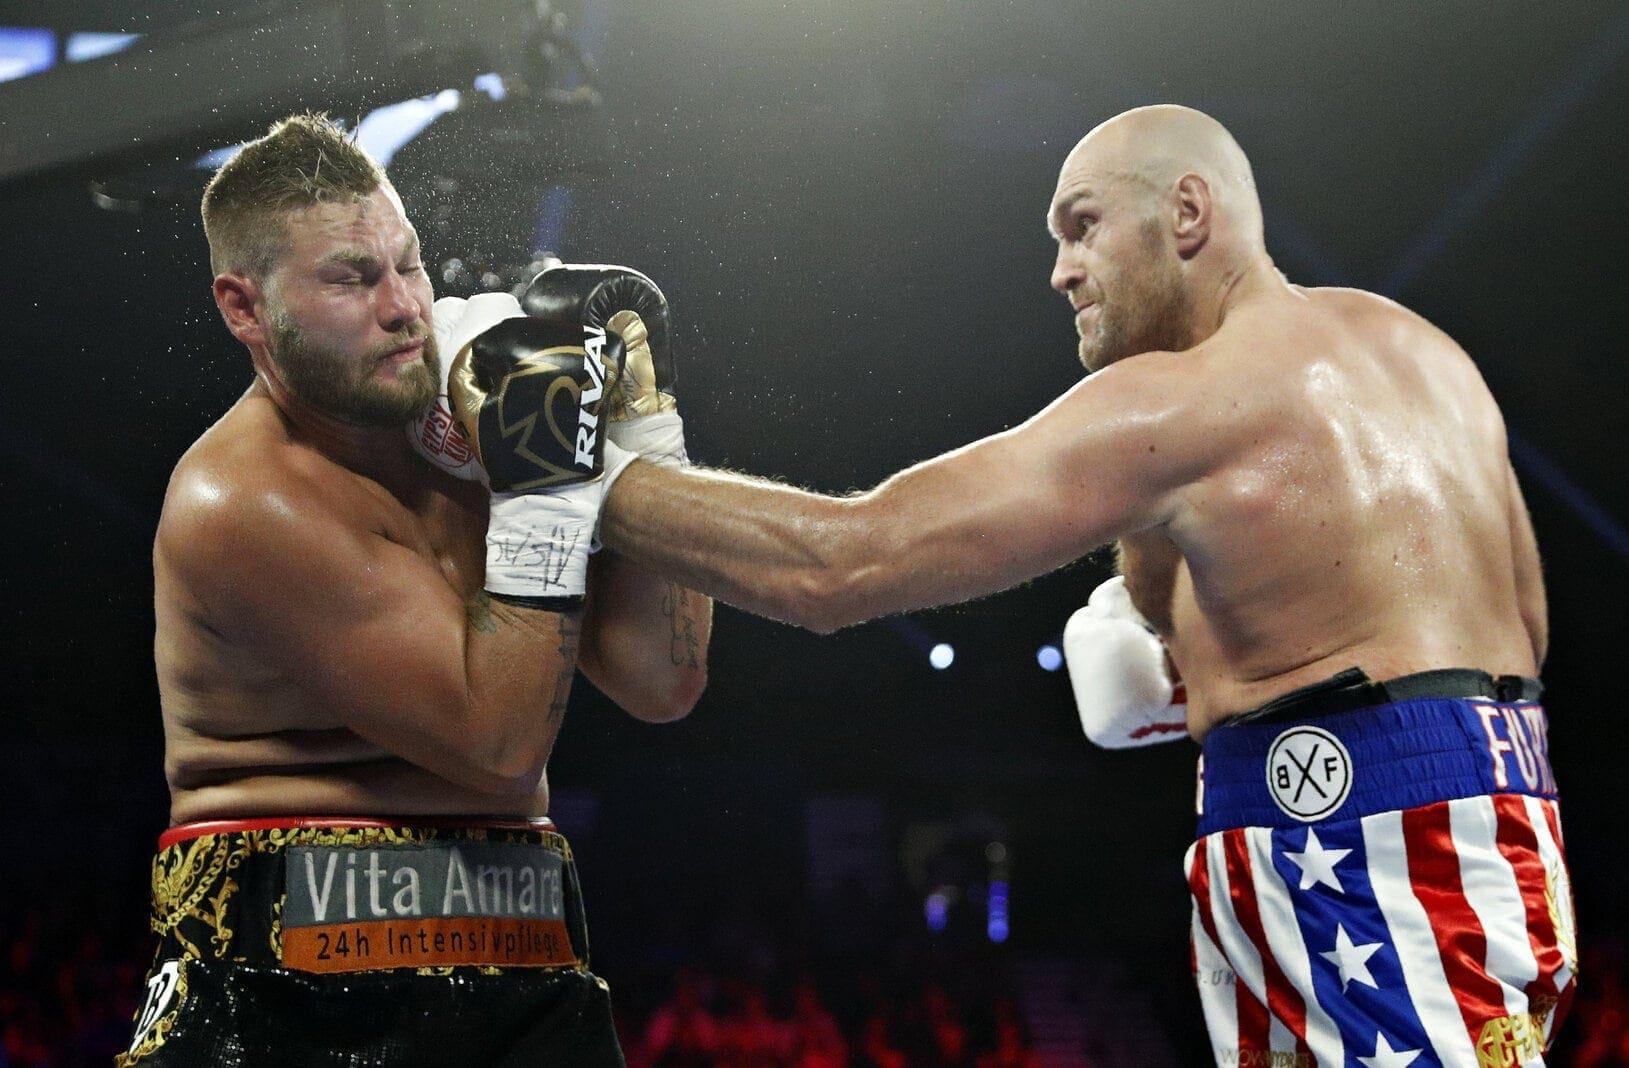 Die Mega-Box-Sensation ist ausgeblieben. Der Deutsche Tom Schwarz hat einen Sieg gegen den klaren Favoriten Tyson Fury in Las Vegas verpasst. Foto: John Locher/dpa